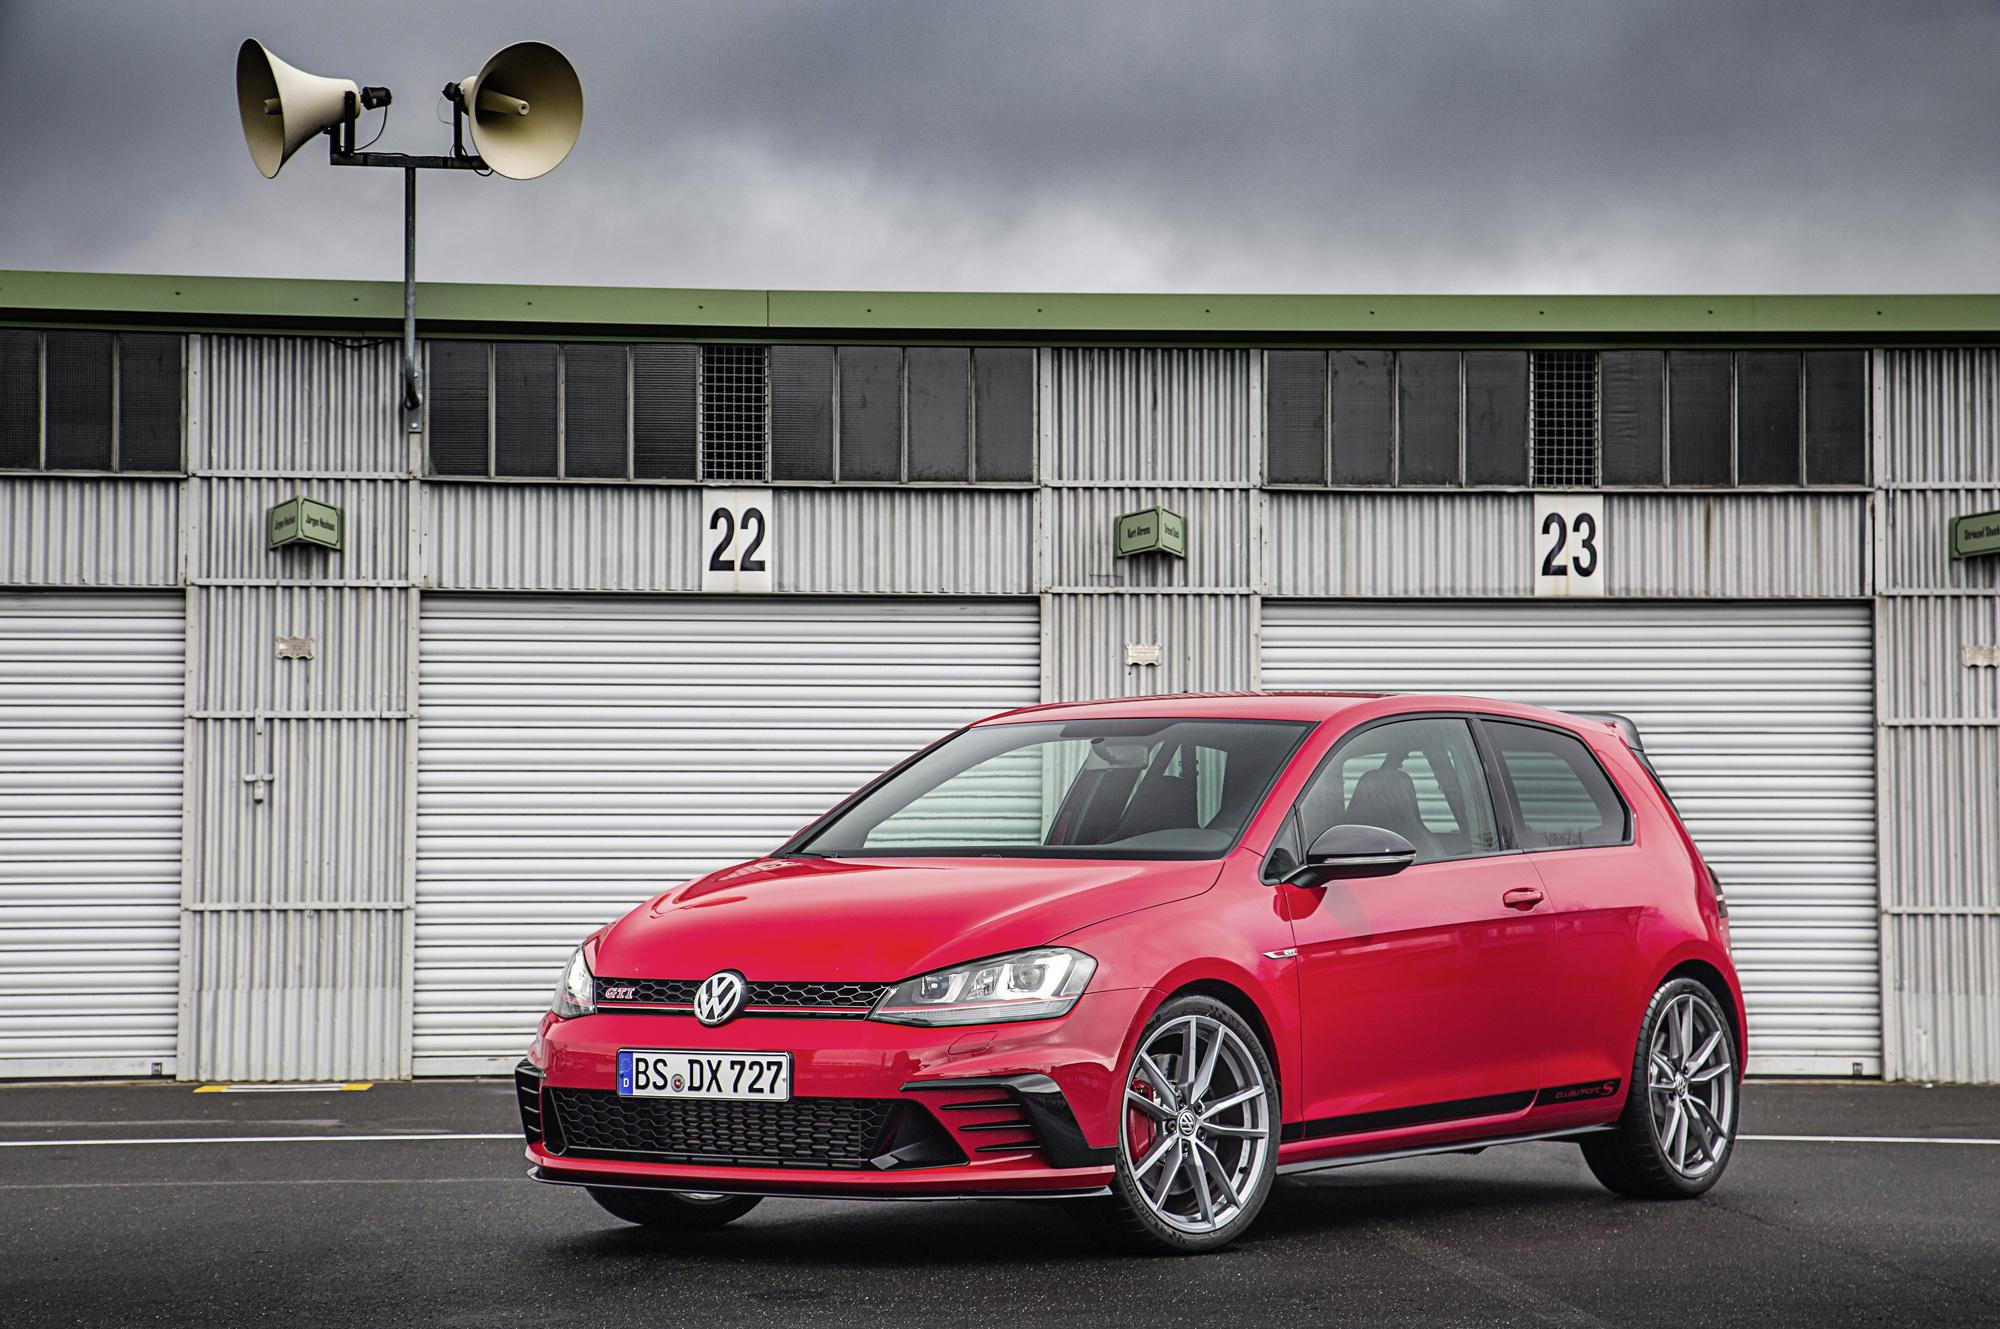 Volkswagen Golf GTI Clubsport S Widescreen